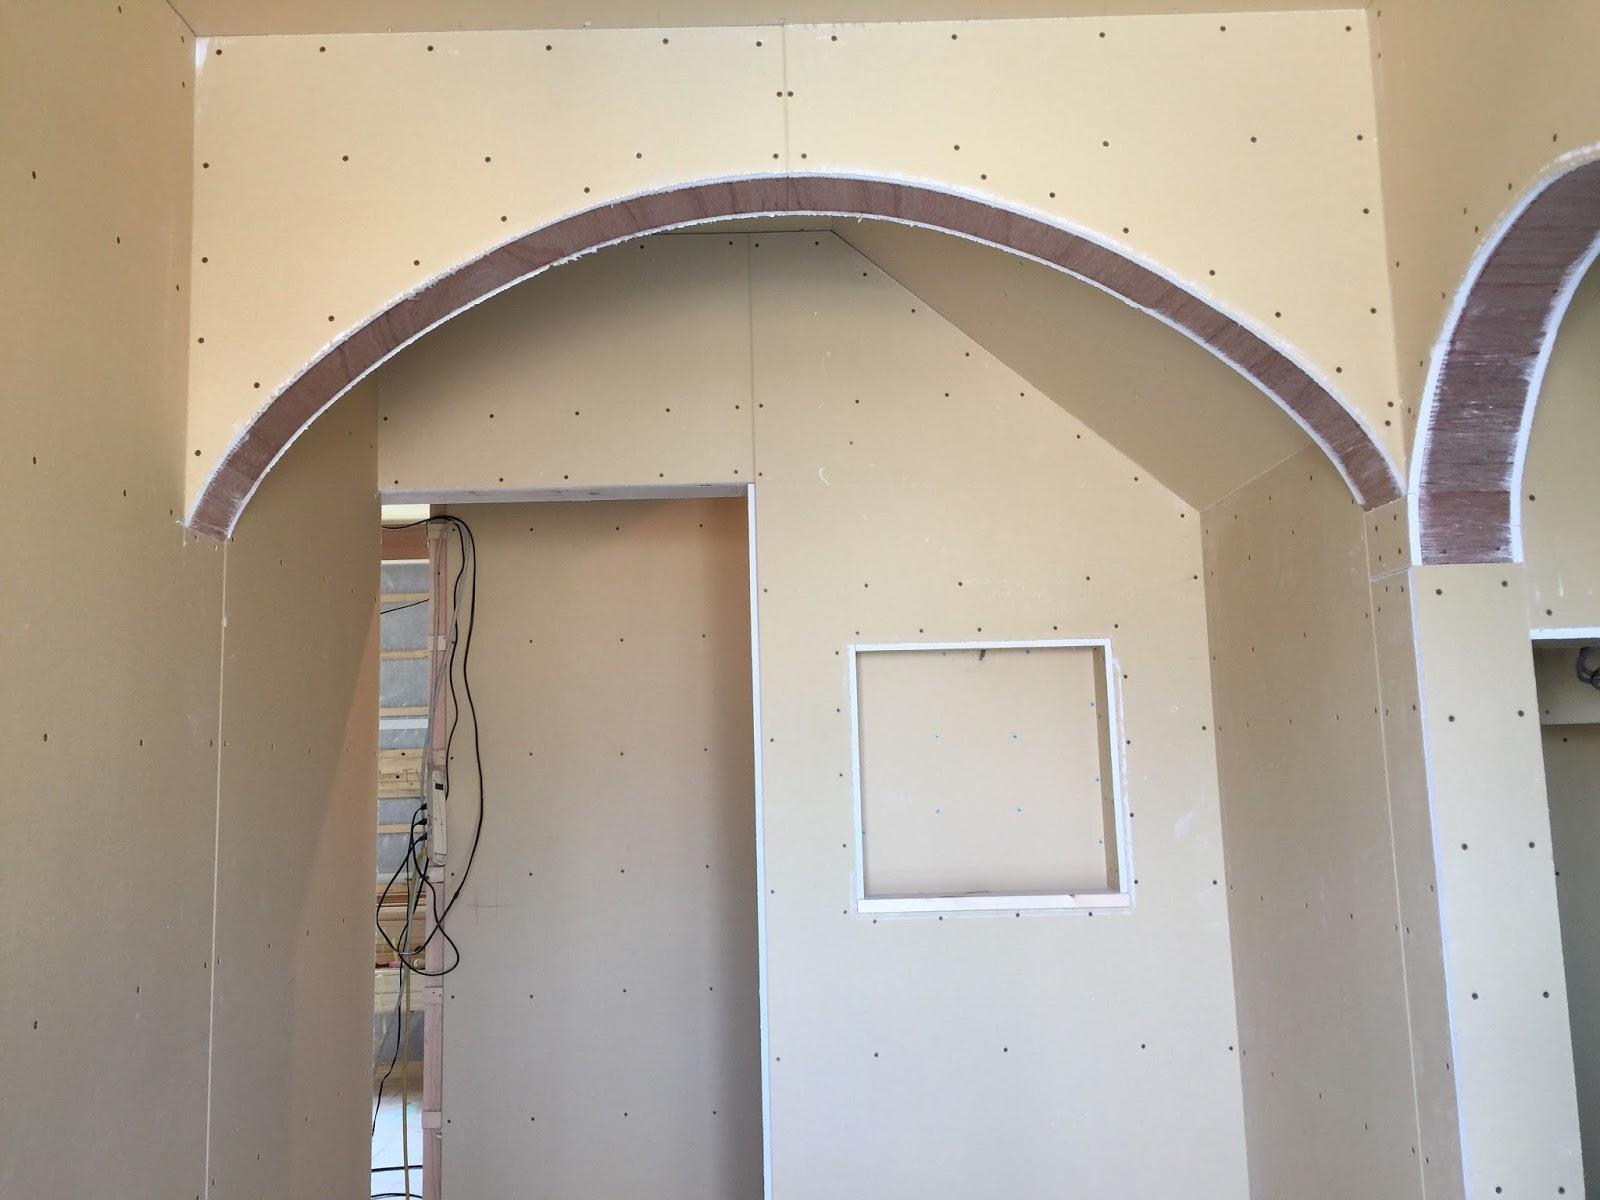 自然素材 漆喰塗り壁の家 三重県鈴鹿市 注文住宅 完成見学会 みのや